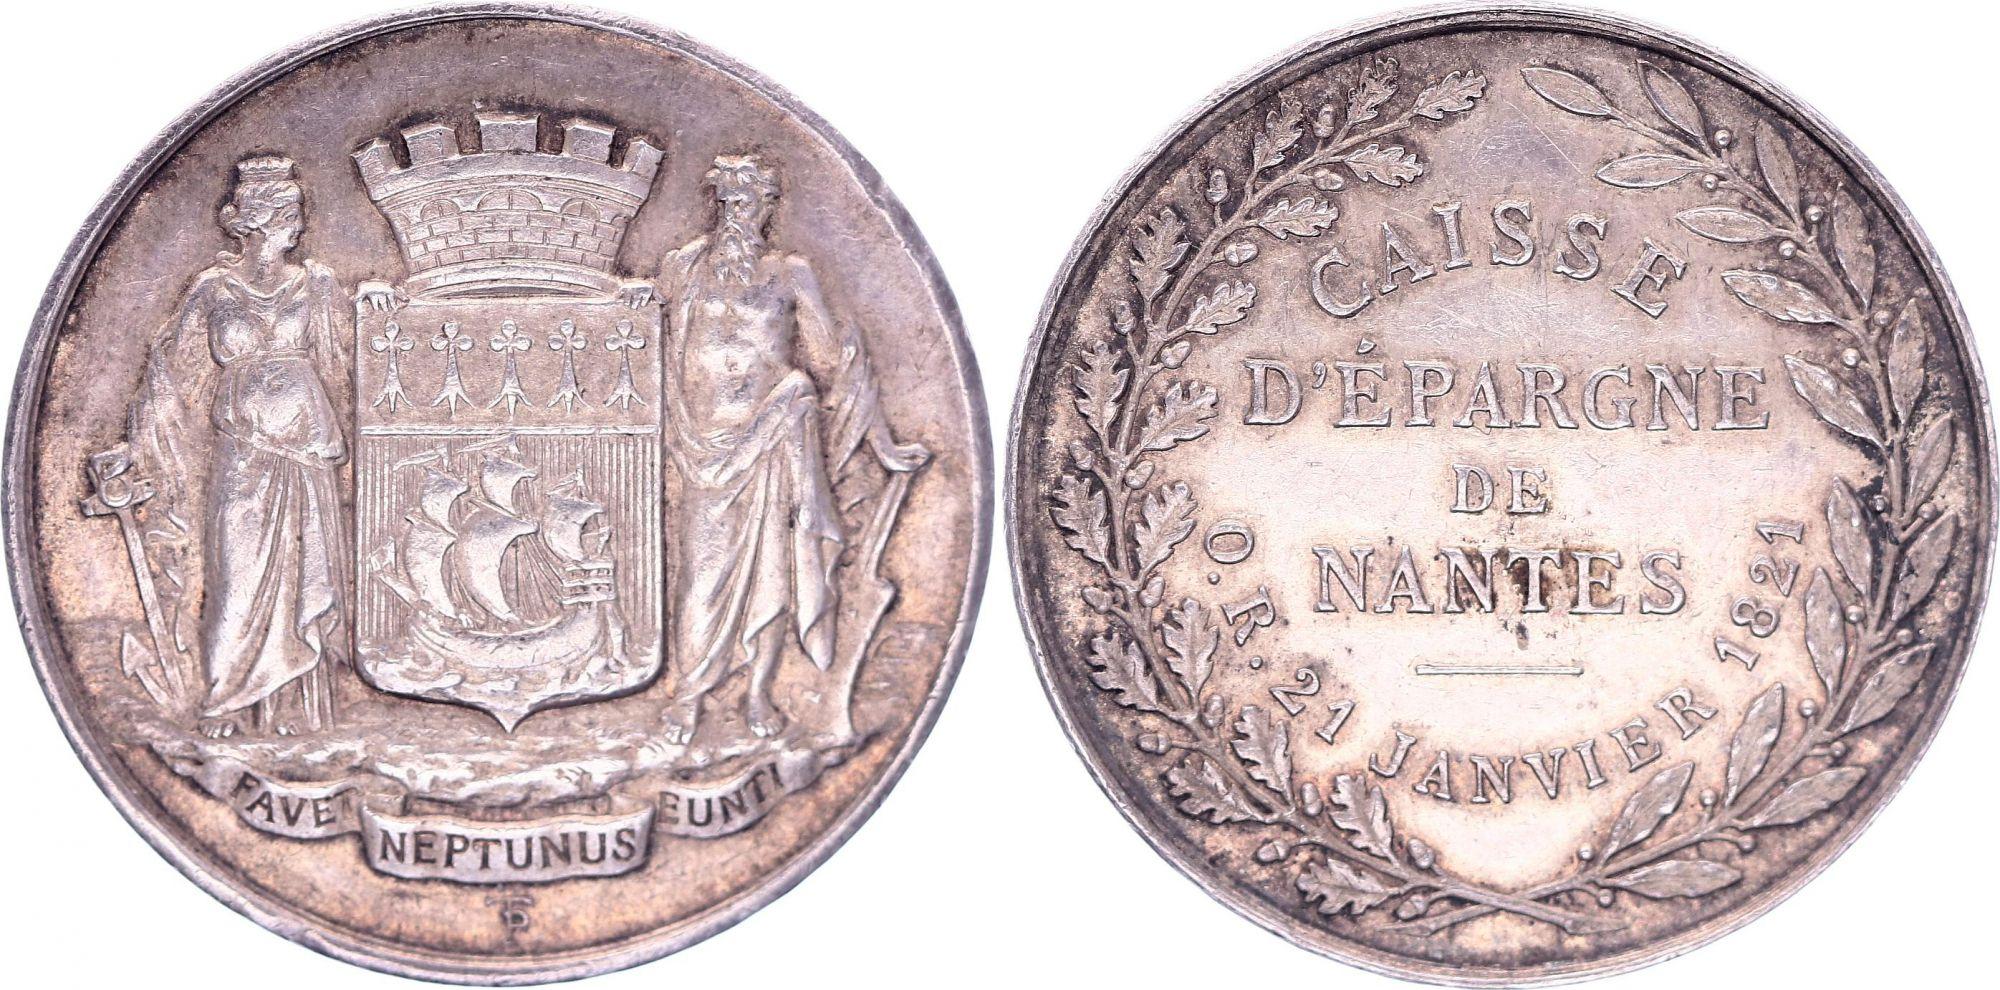 France Caisse d\'épargne de Nantes - 1880 - Corne Argent